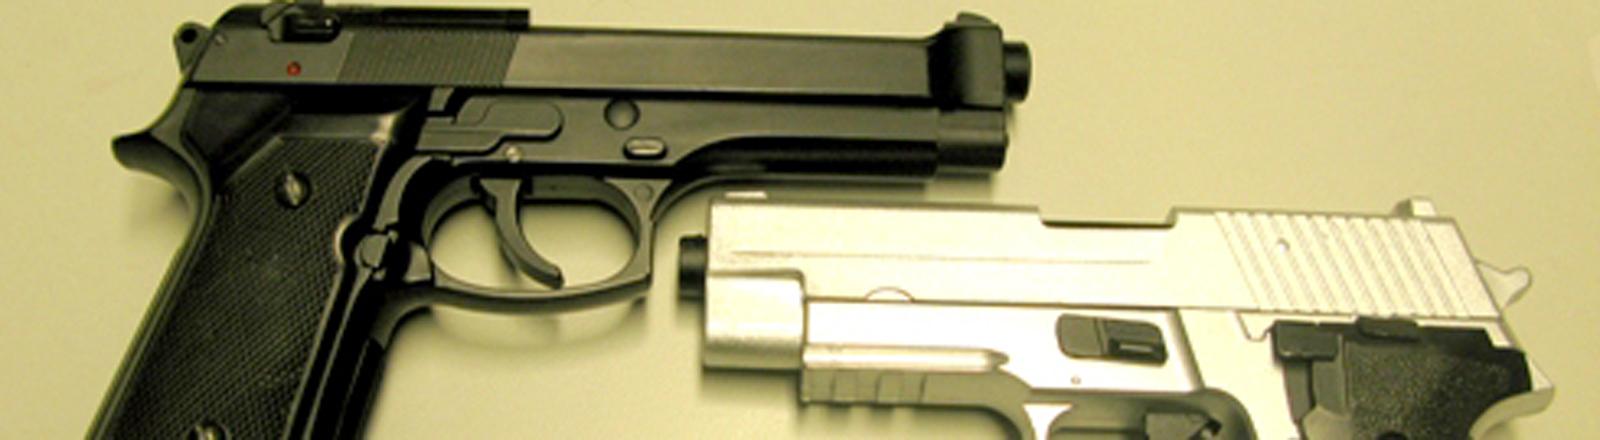 Zwei Pistolen